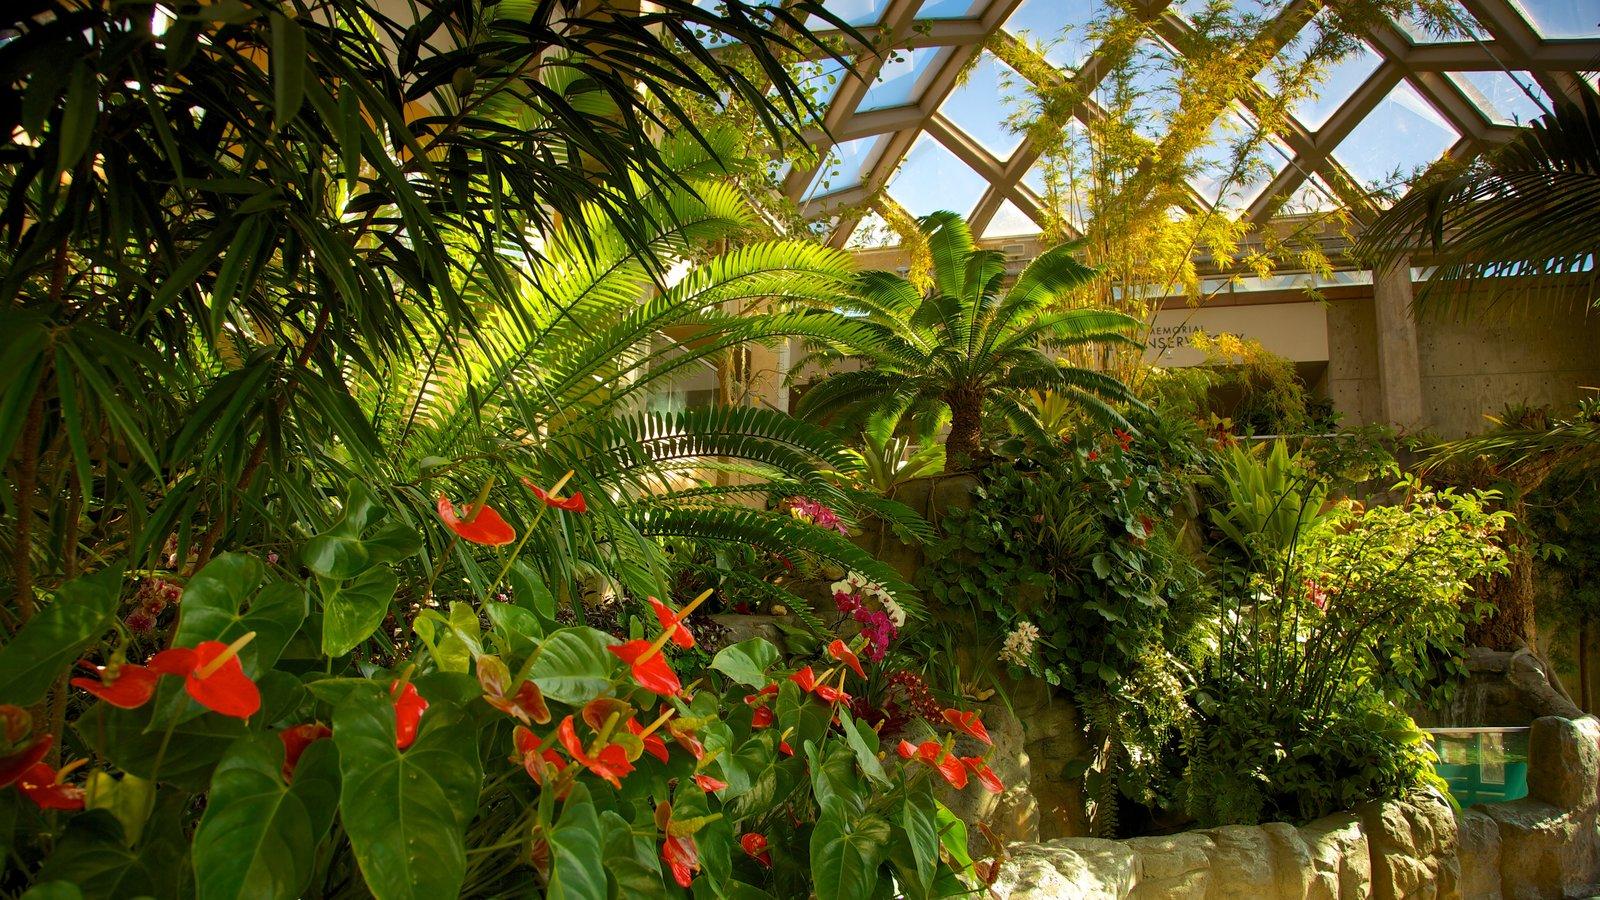 Jardim Botânico de Denver mostrando um jardim, vistas internas e flores